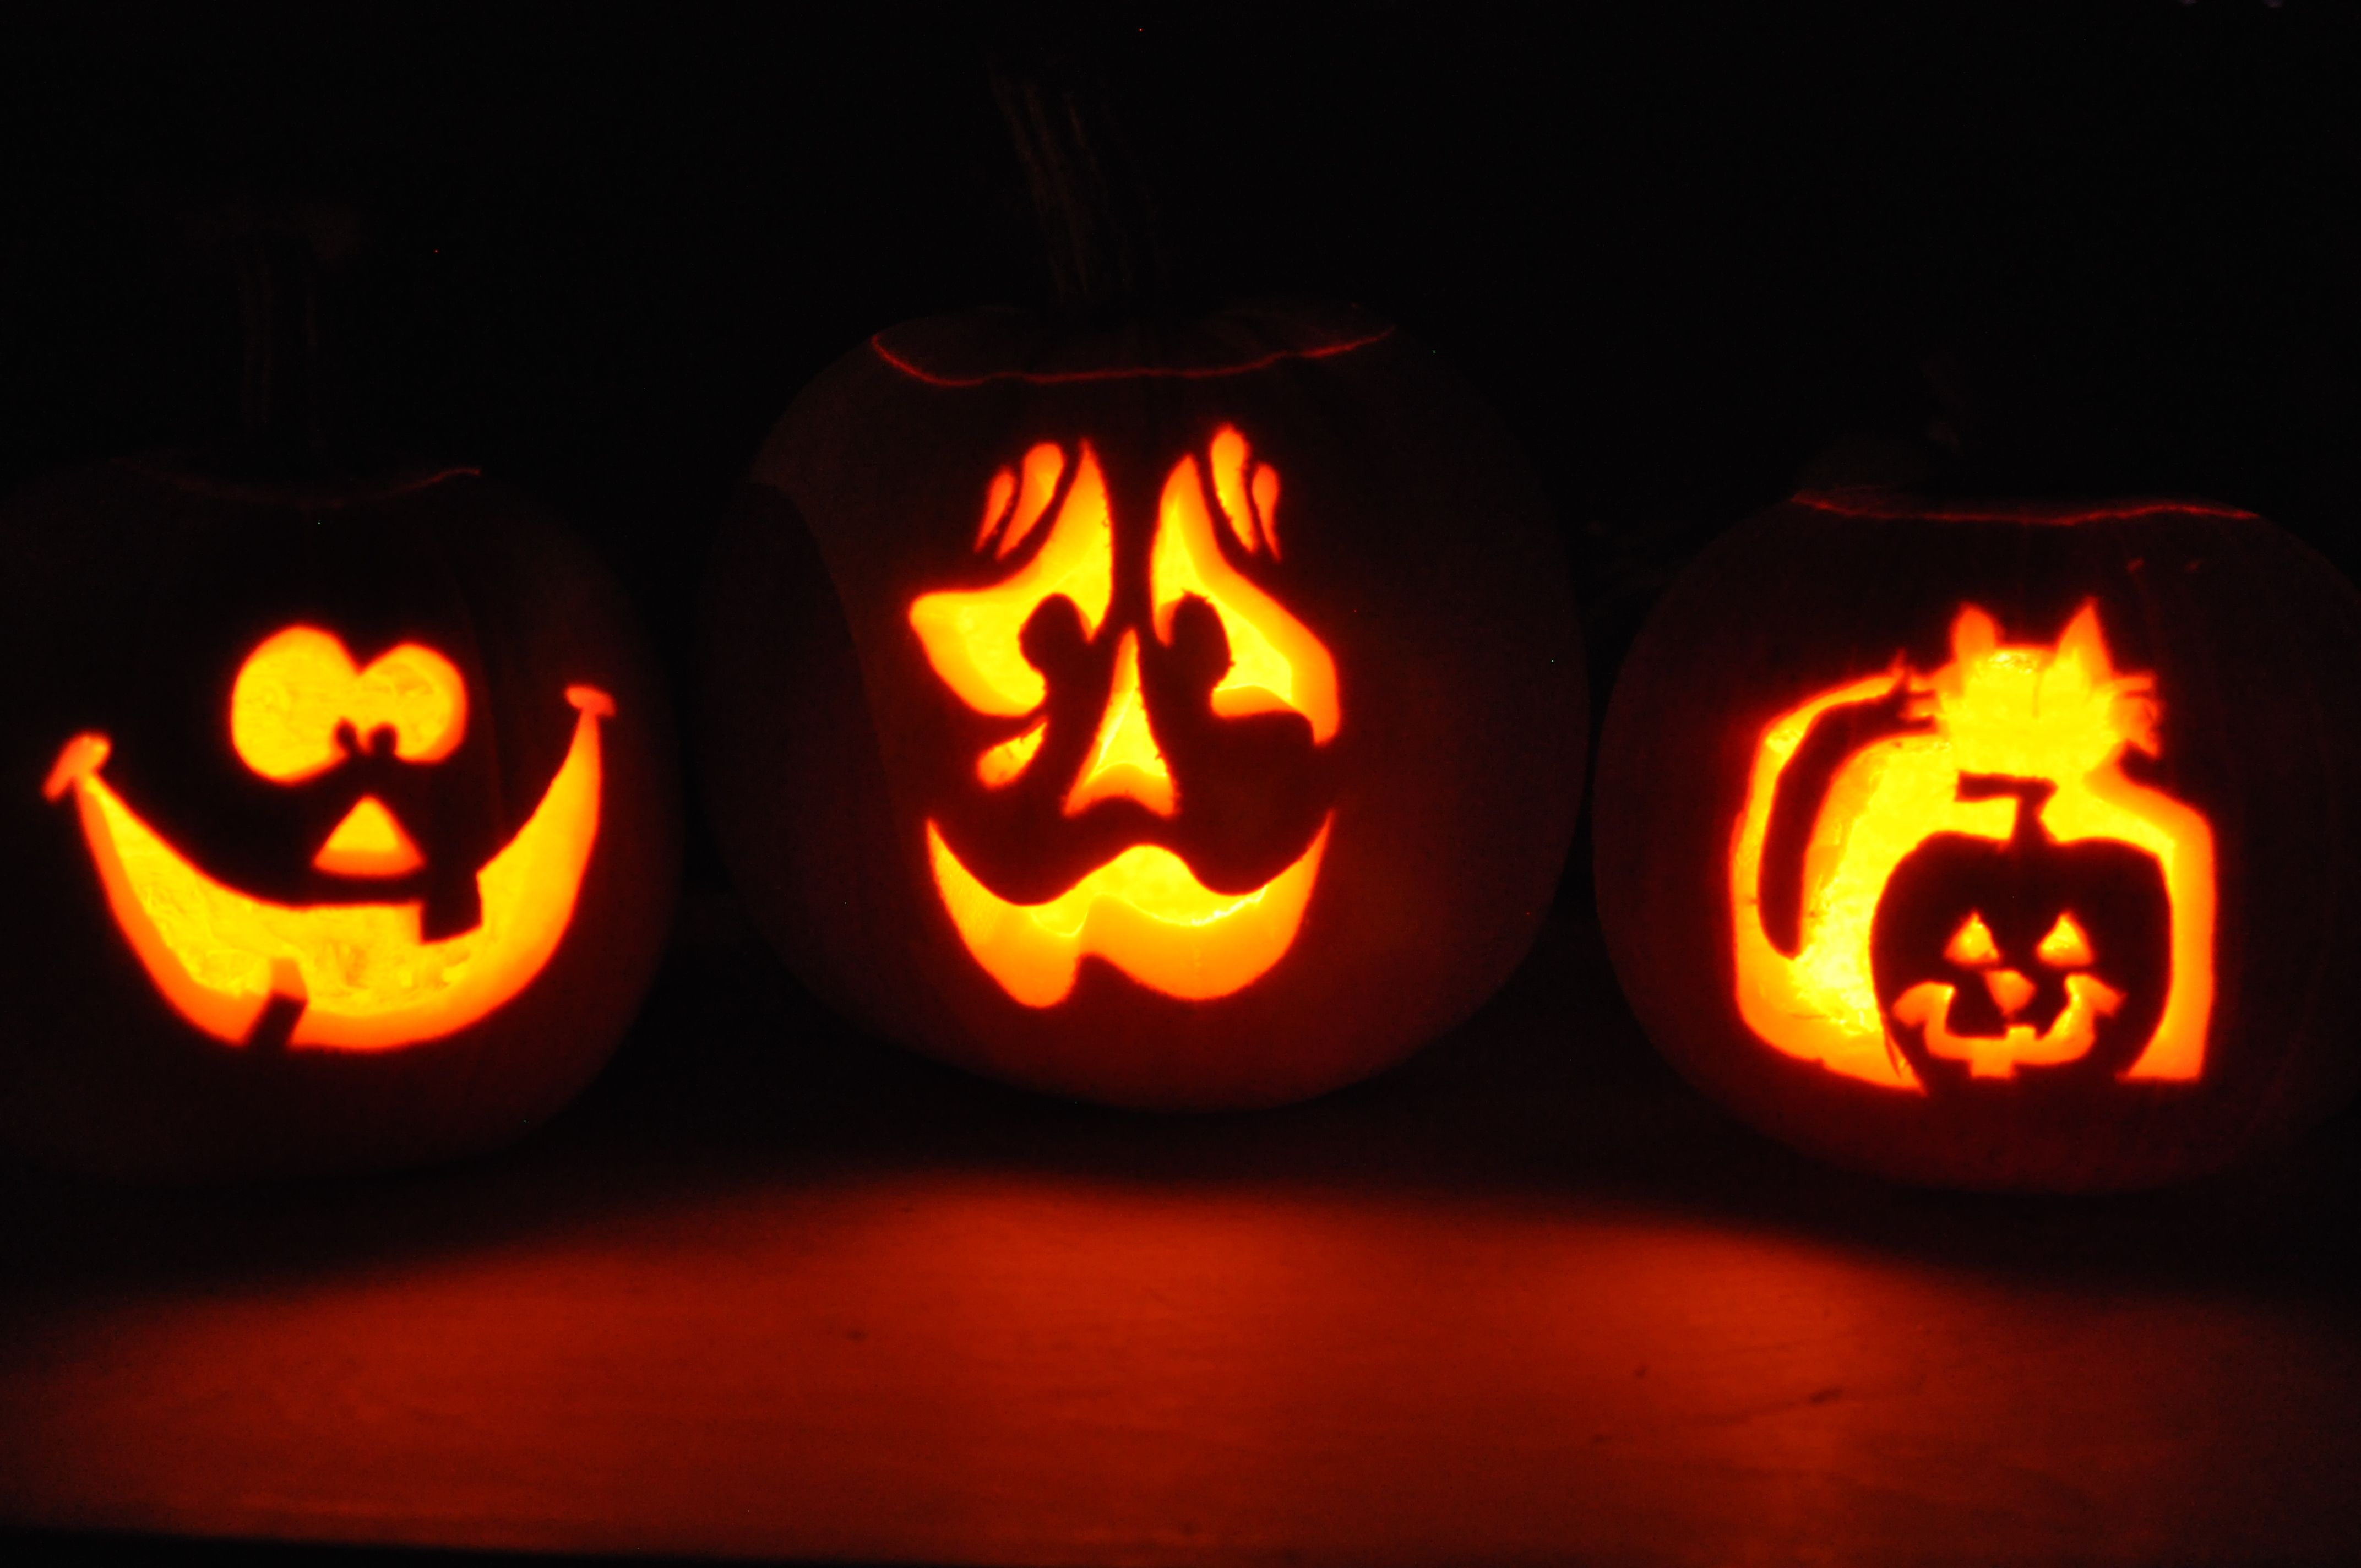 Intagliare Zucca Per Halloween Disegni come intagliare la zucca per halloween | zucche intagliate